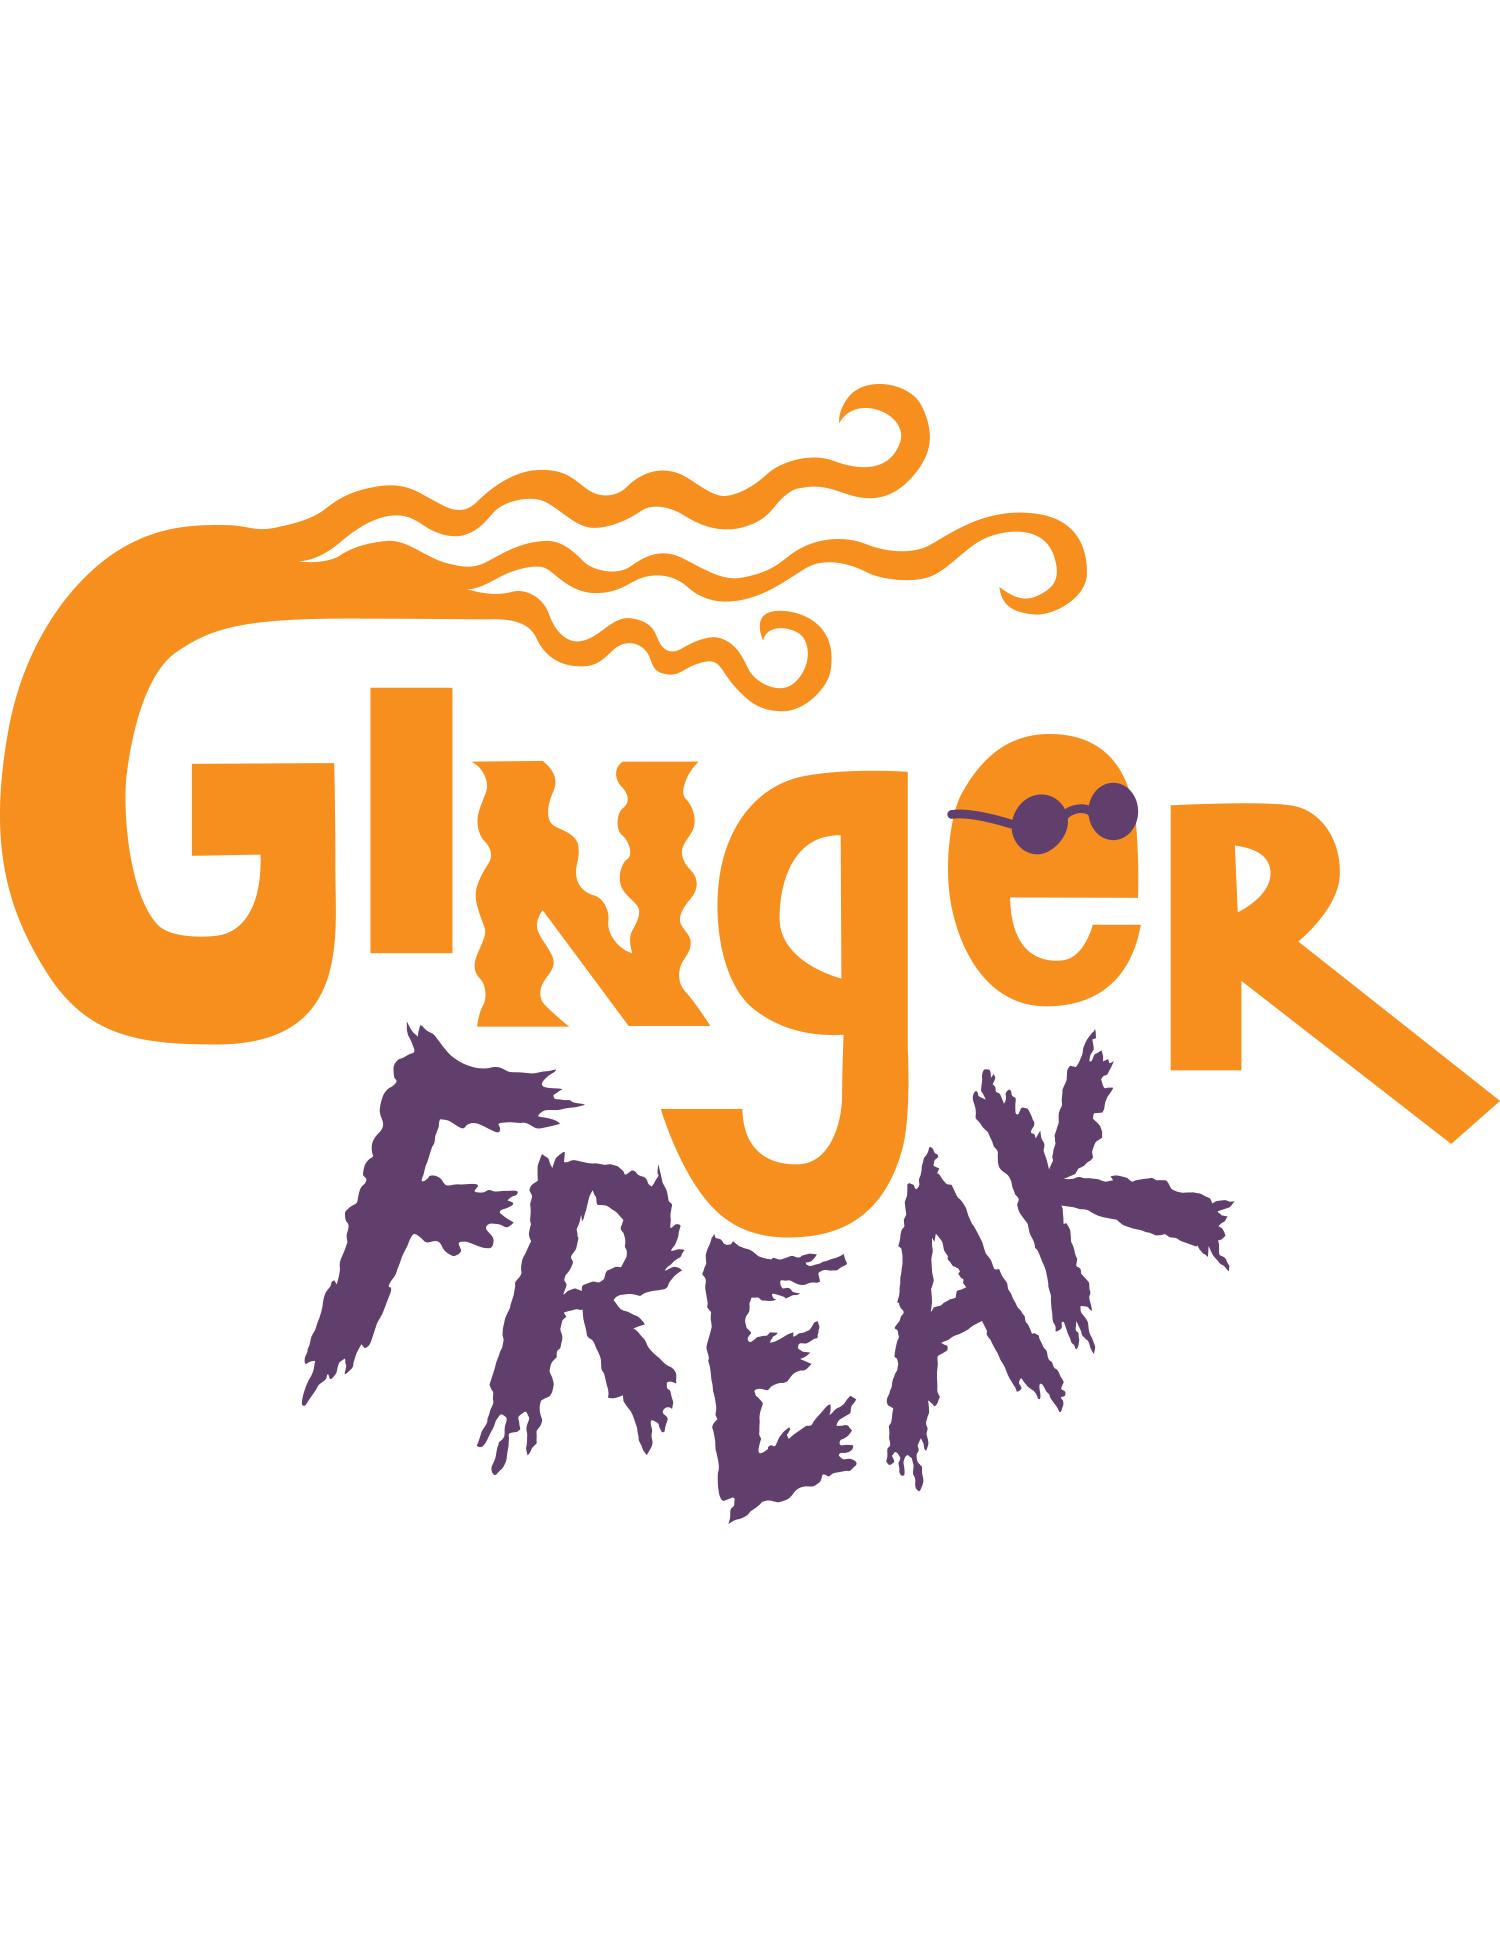 ginger_freak_type_andi_bird.png